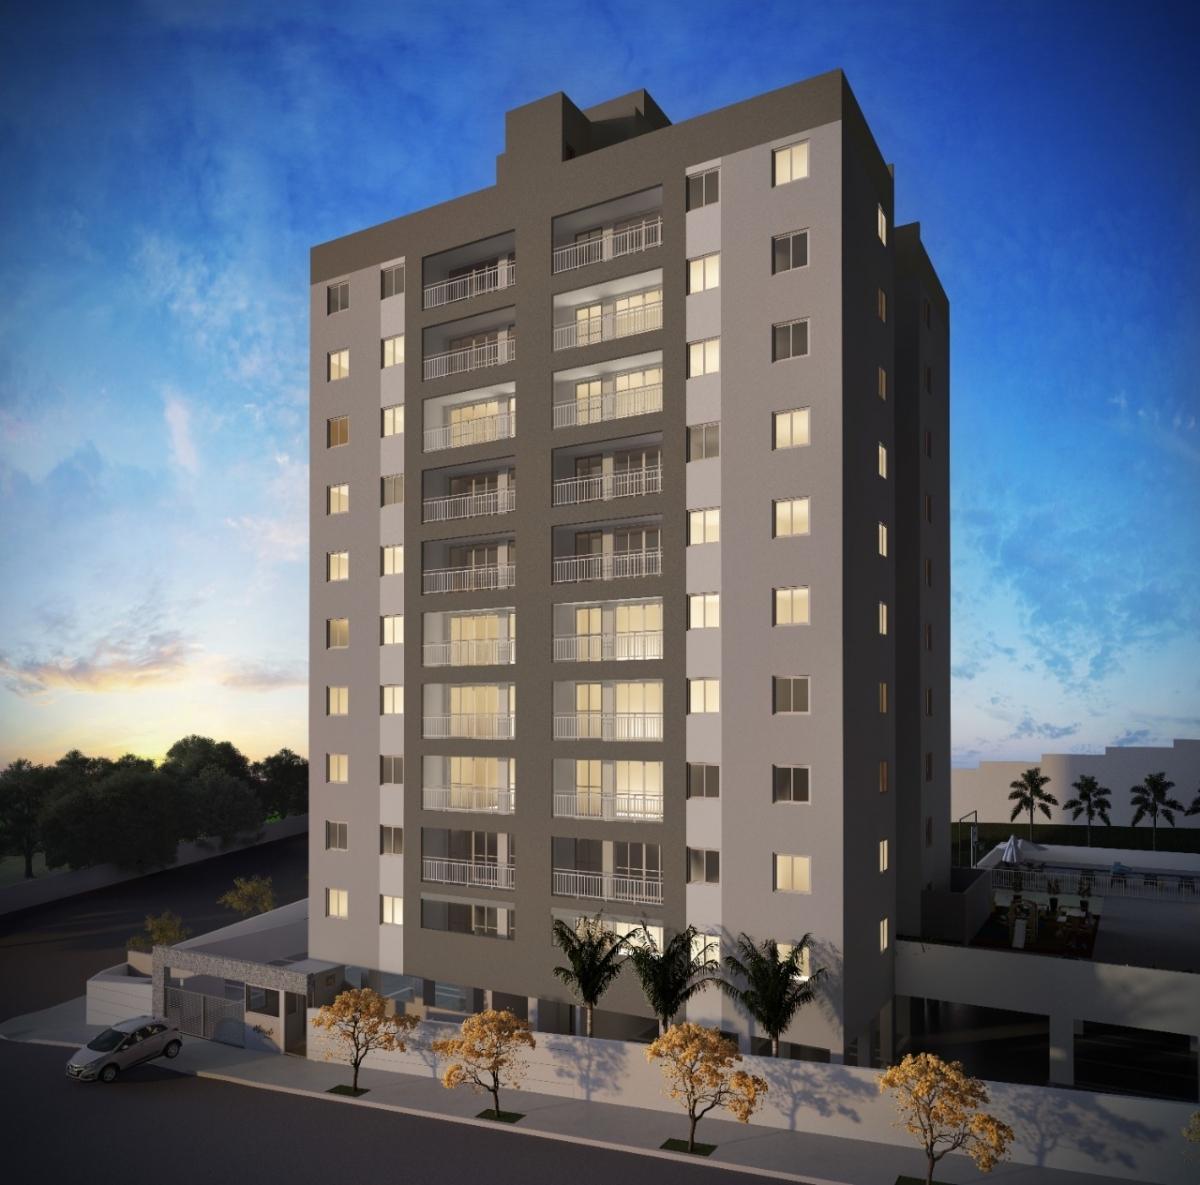 Apartamento Bairro Floramar 3 quartos com Varanda - Foto 1